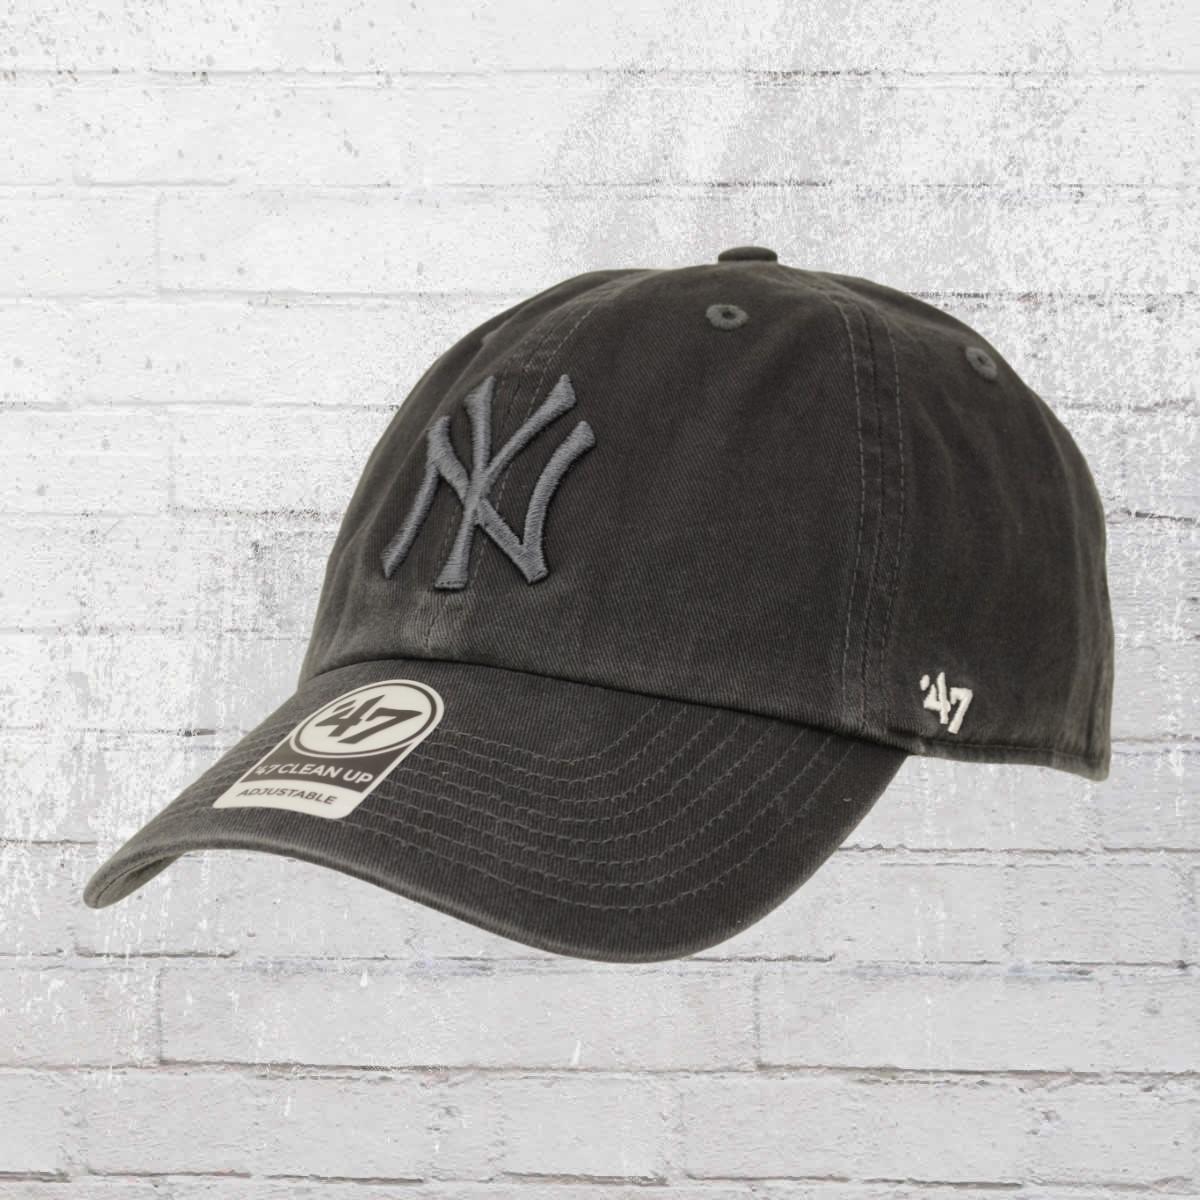 4cf175696c9 47 Brands Team Cap New York Yankees Clean Up Hat dark charcoal. ›‹ «